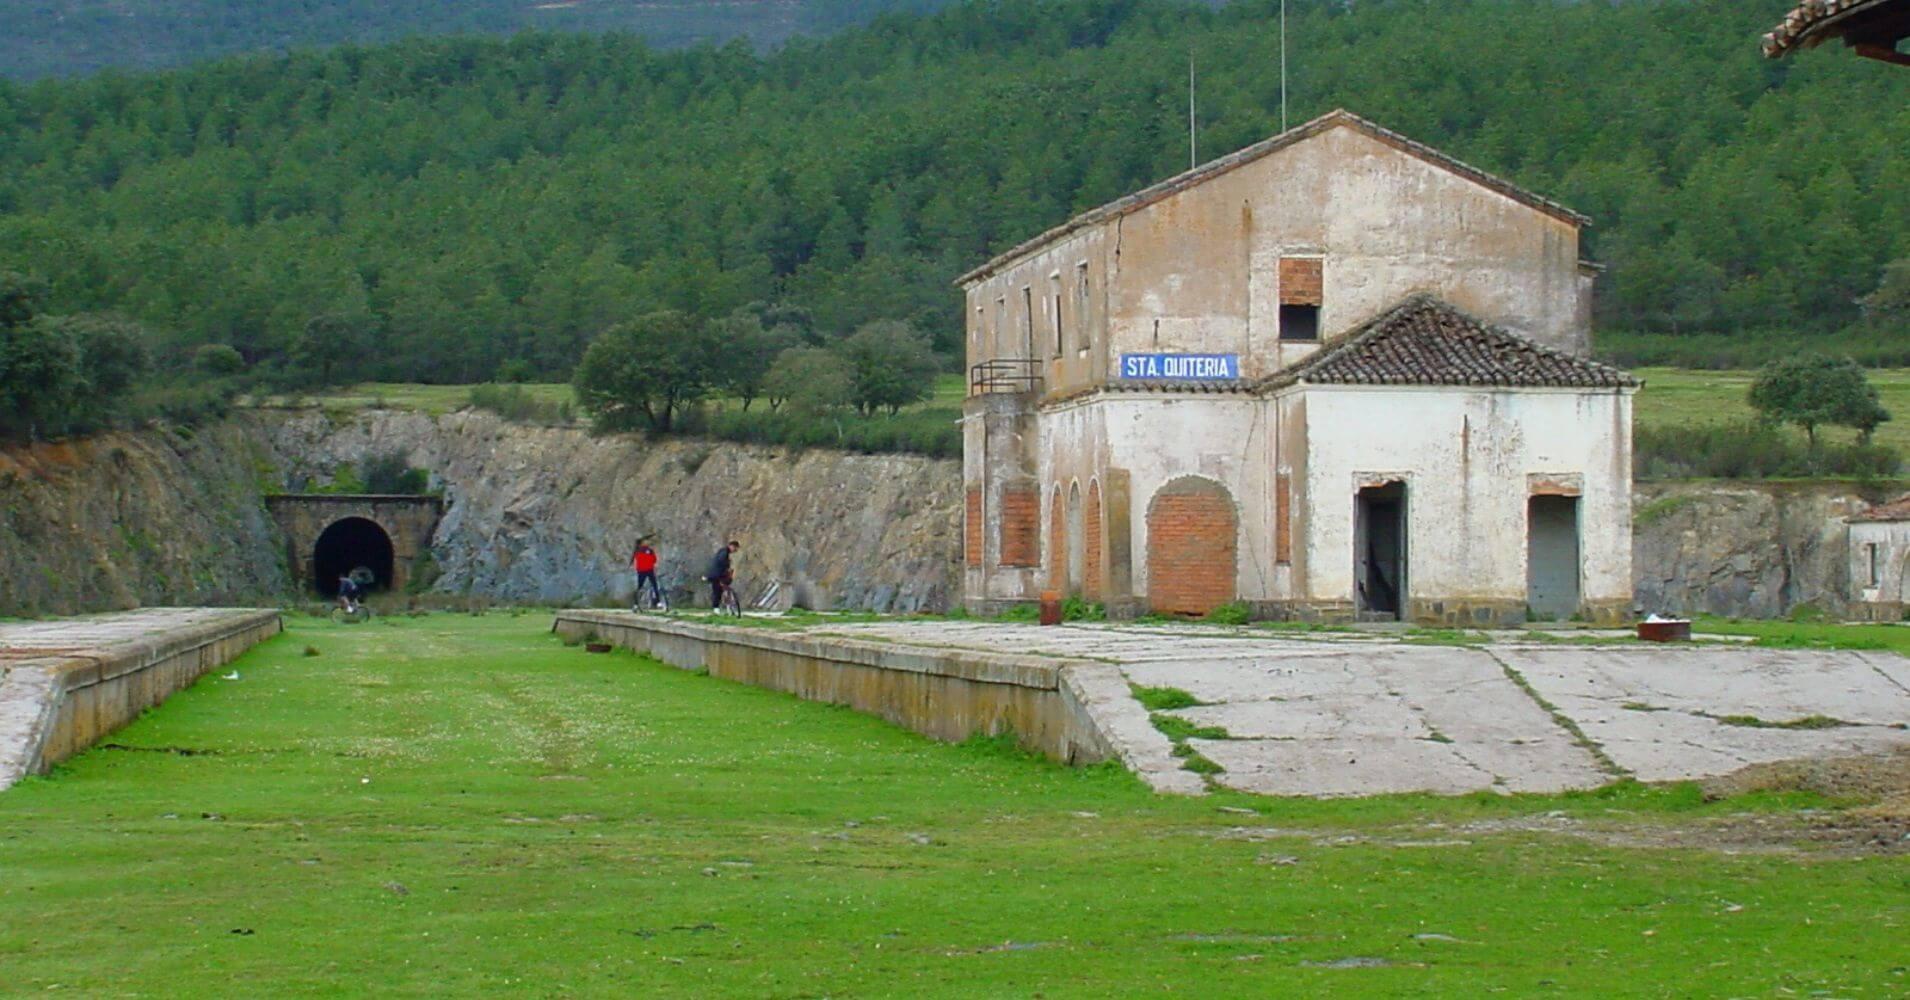 Estación de Santa Quiteria. Toledo. Castilla la Mancha.